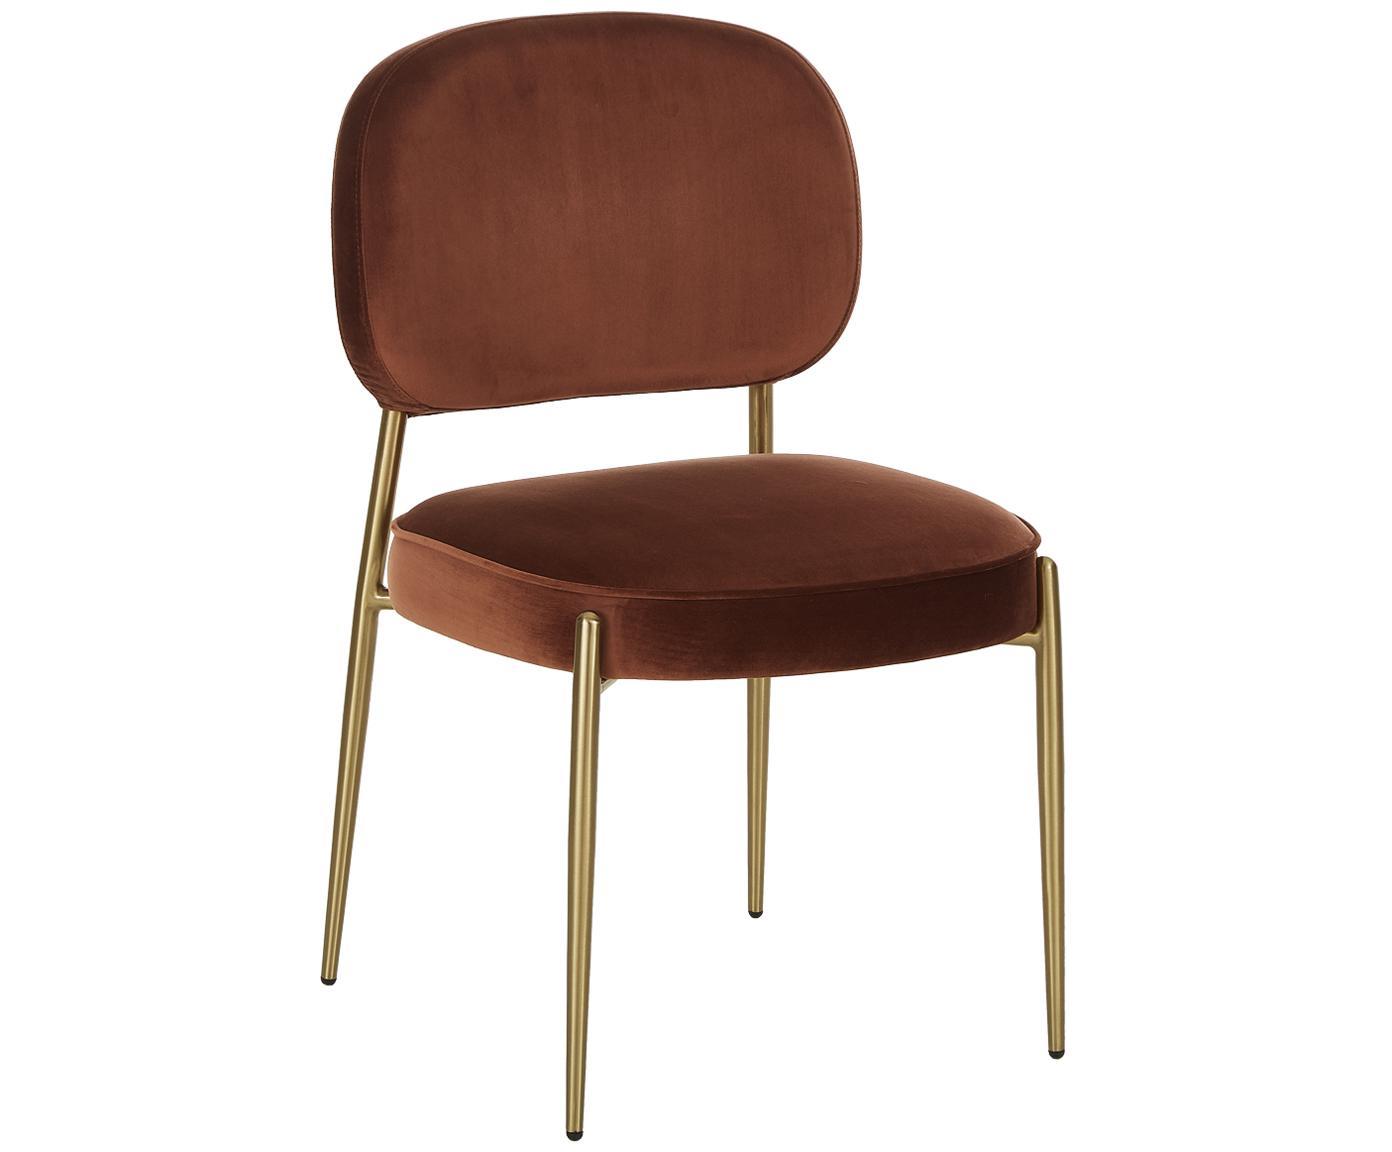 Krzesło tapicerowane z aksamitu Viggo, Tapicerka: aksamit (poliester) 50 00, Aksamitny brązowy, nogi: złoty, S 49 x G 66 cm